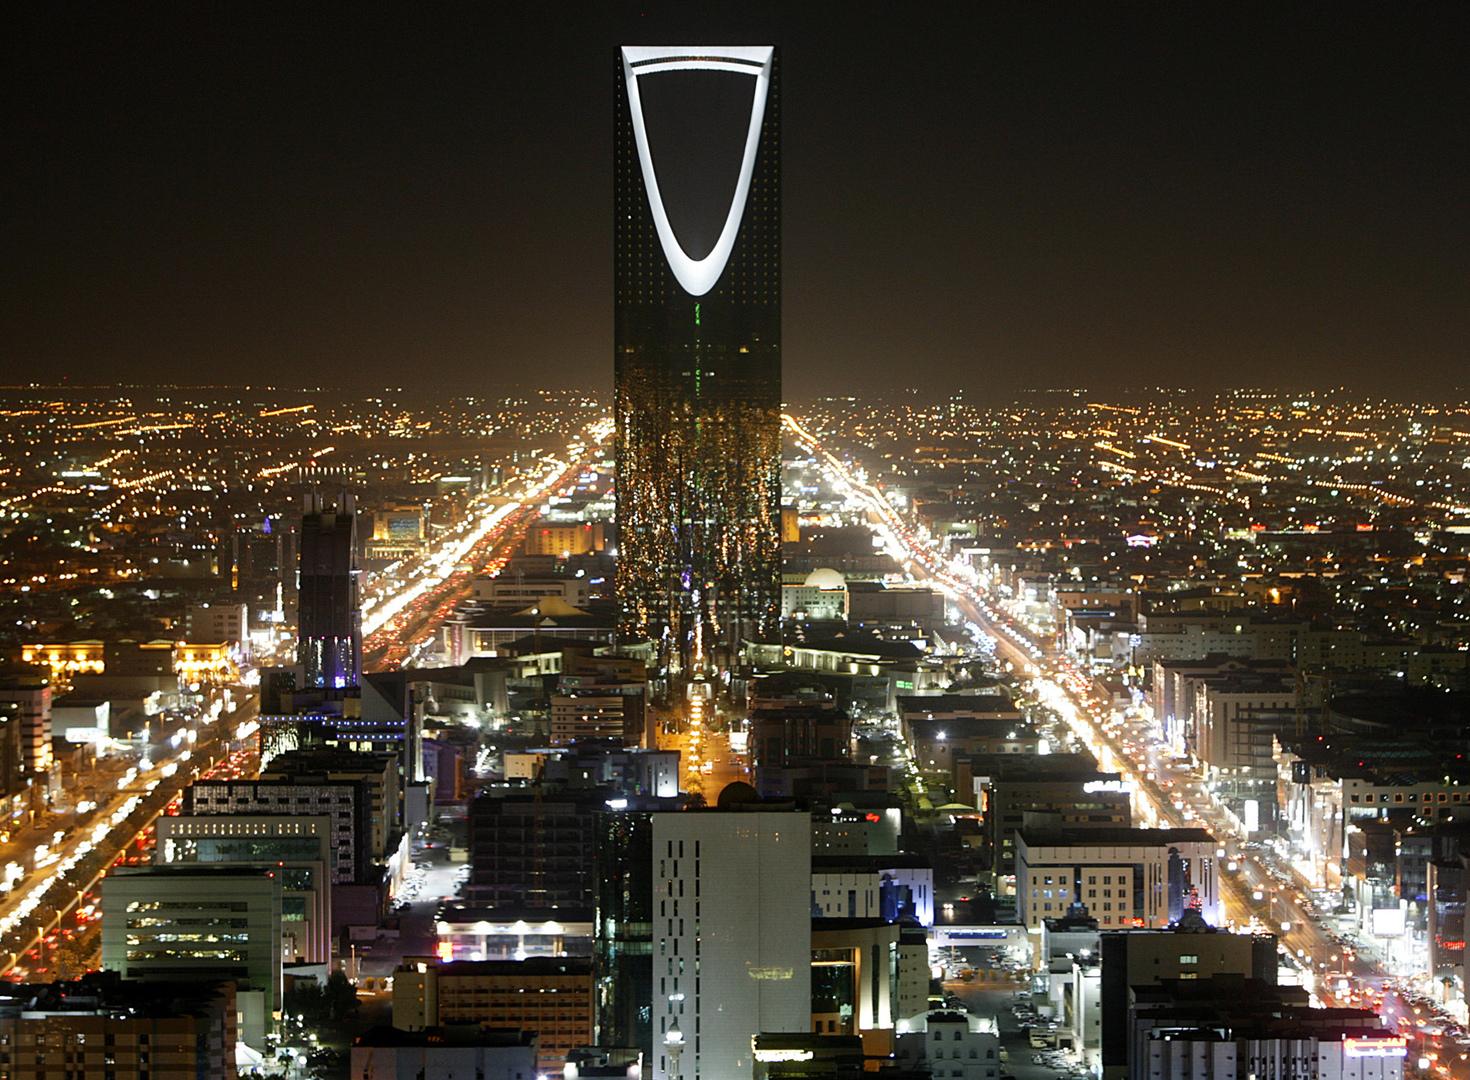 واشنطن تحث السعودية على التخلي عن وضعها الخاص بالدول النامية في منظمة التجارة العالمية